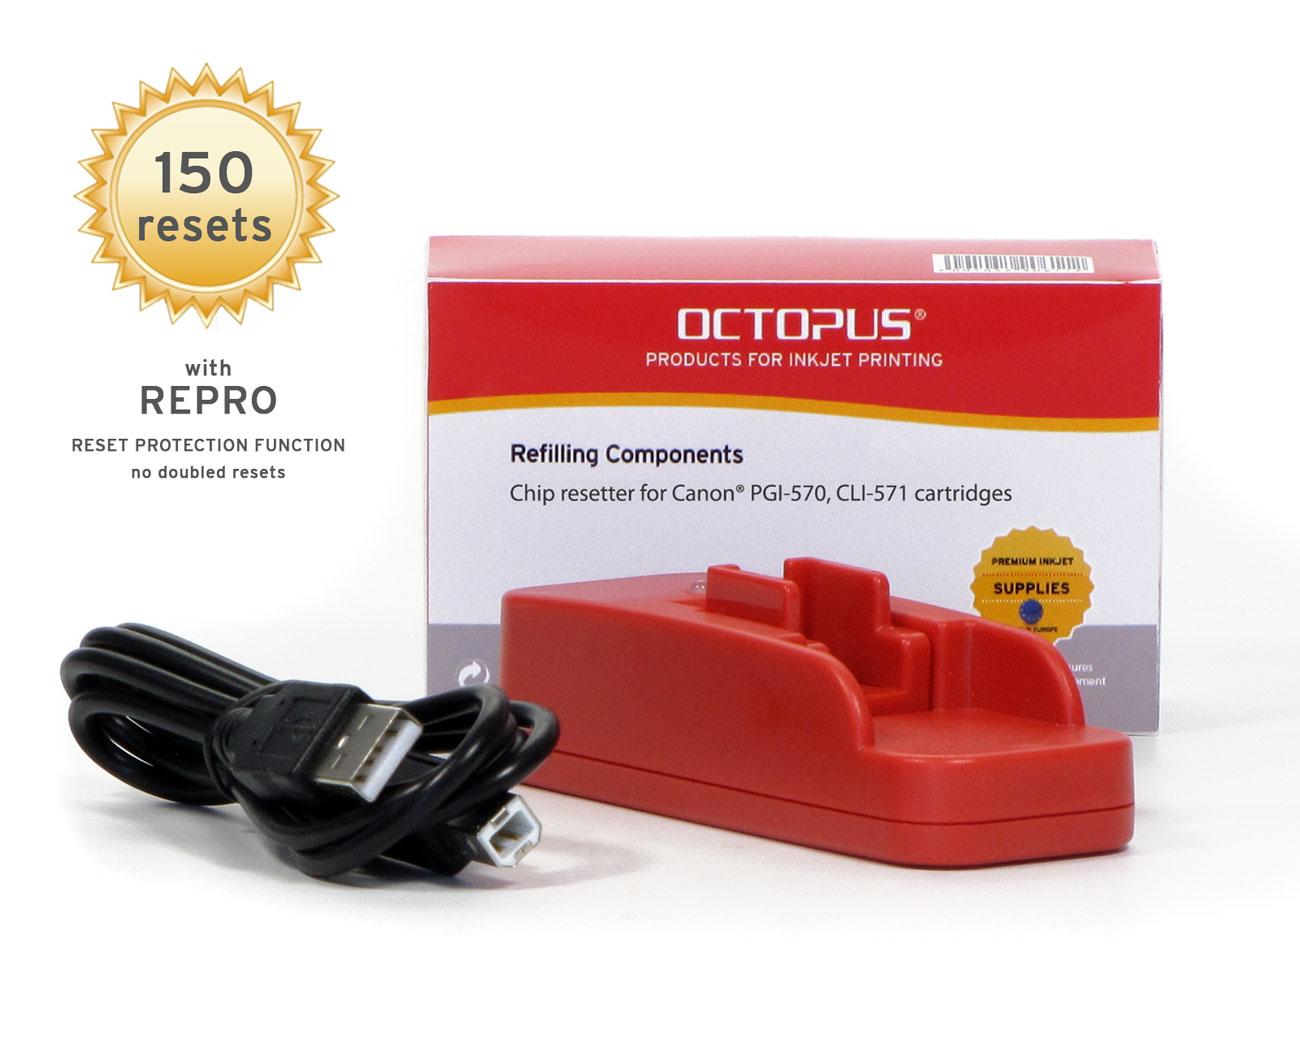 Chipresetter for Canon PGI-570, CLI-571 inkjet cartridges, for 150 Resets